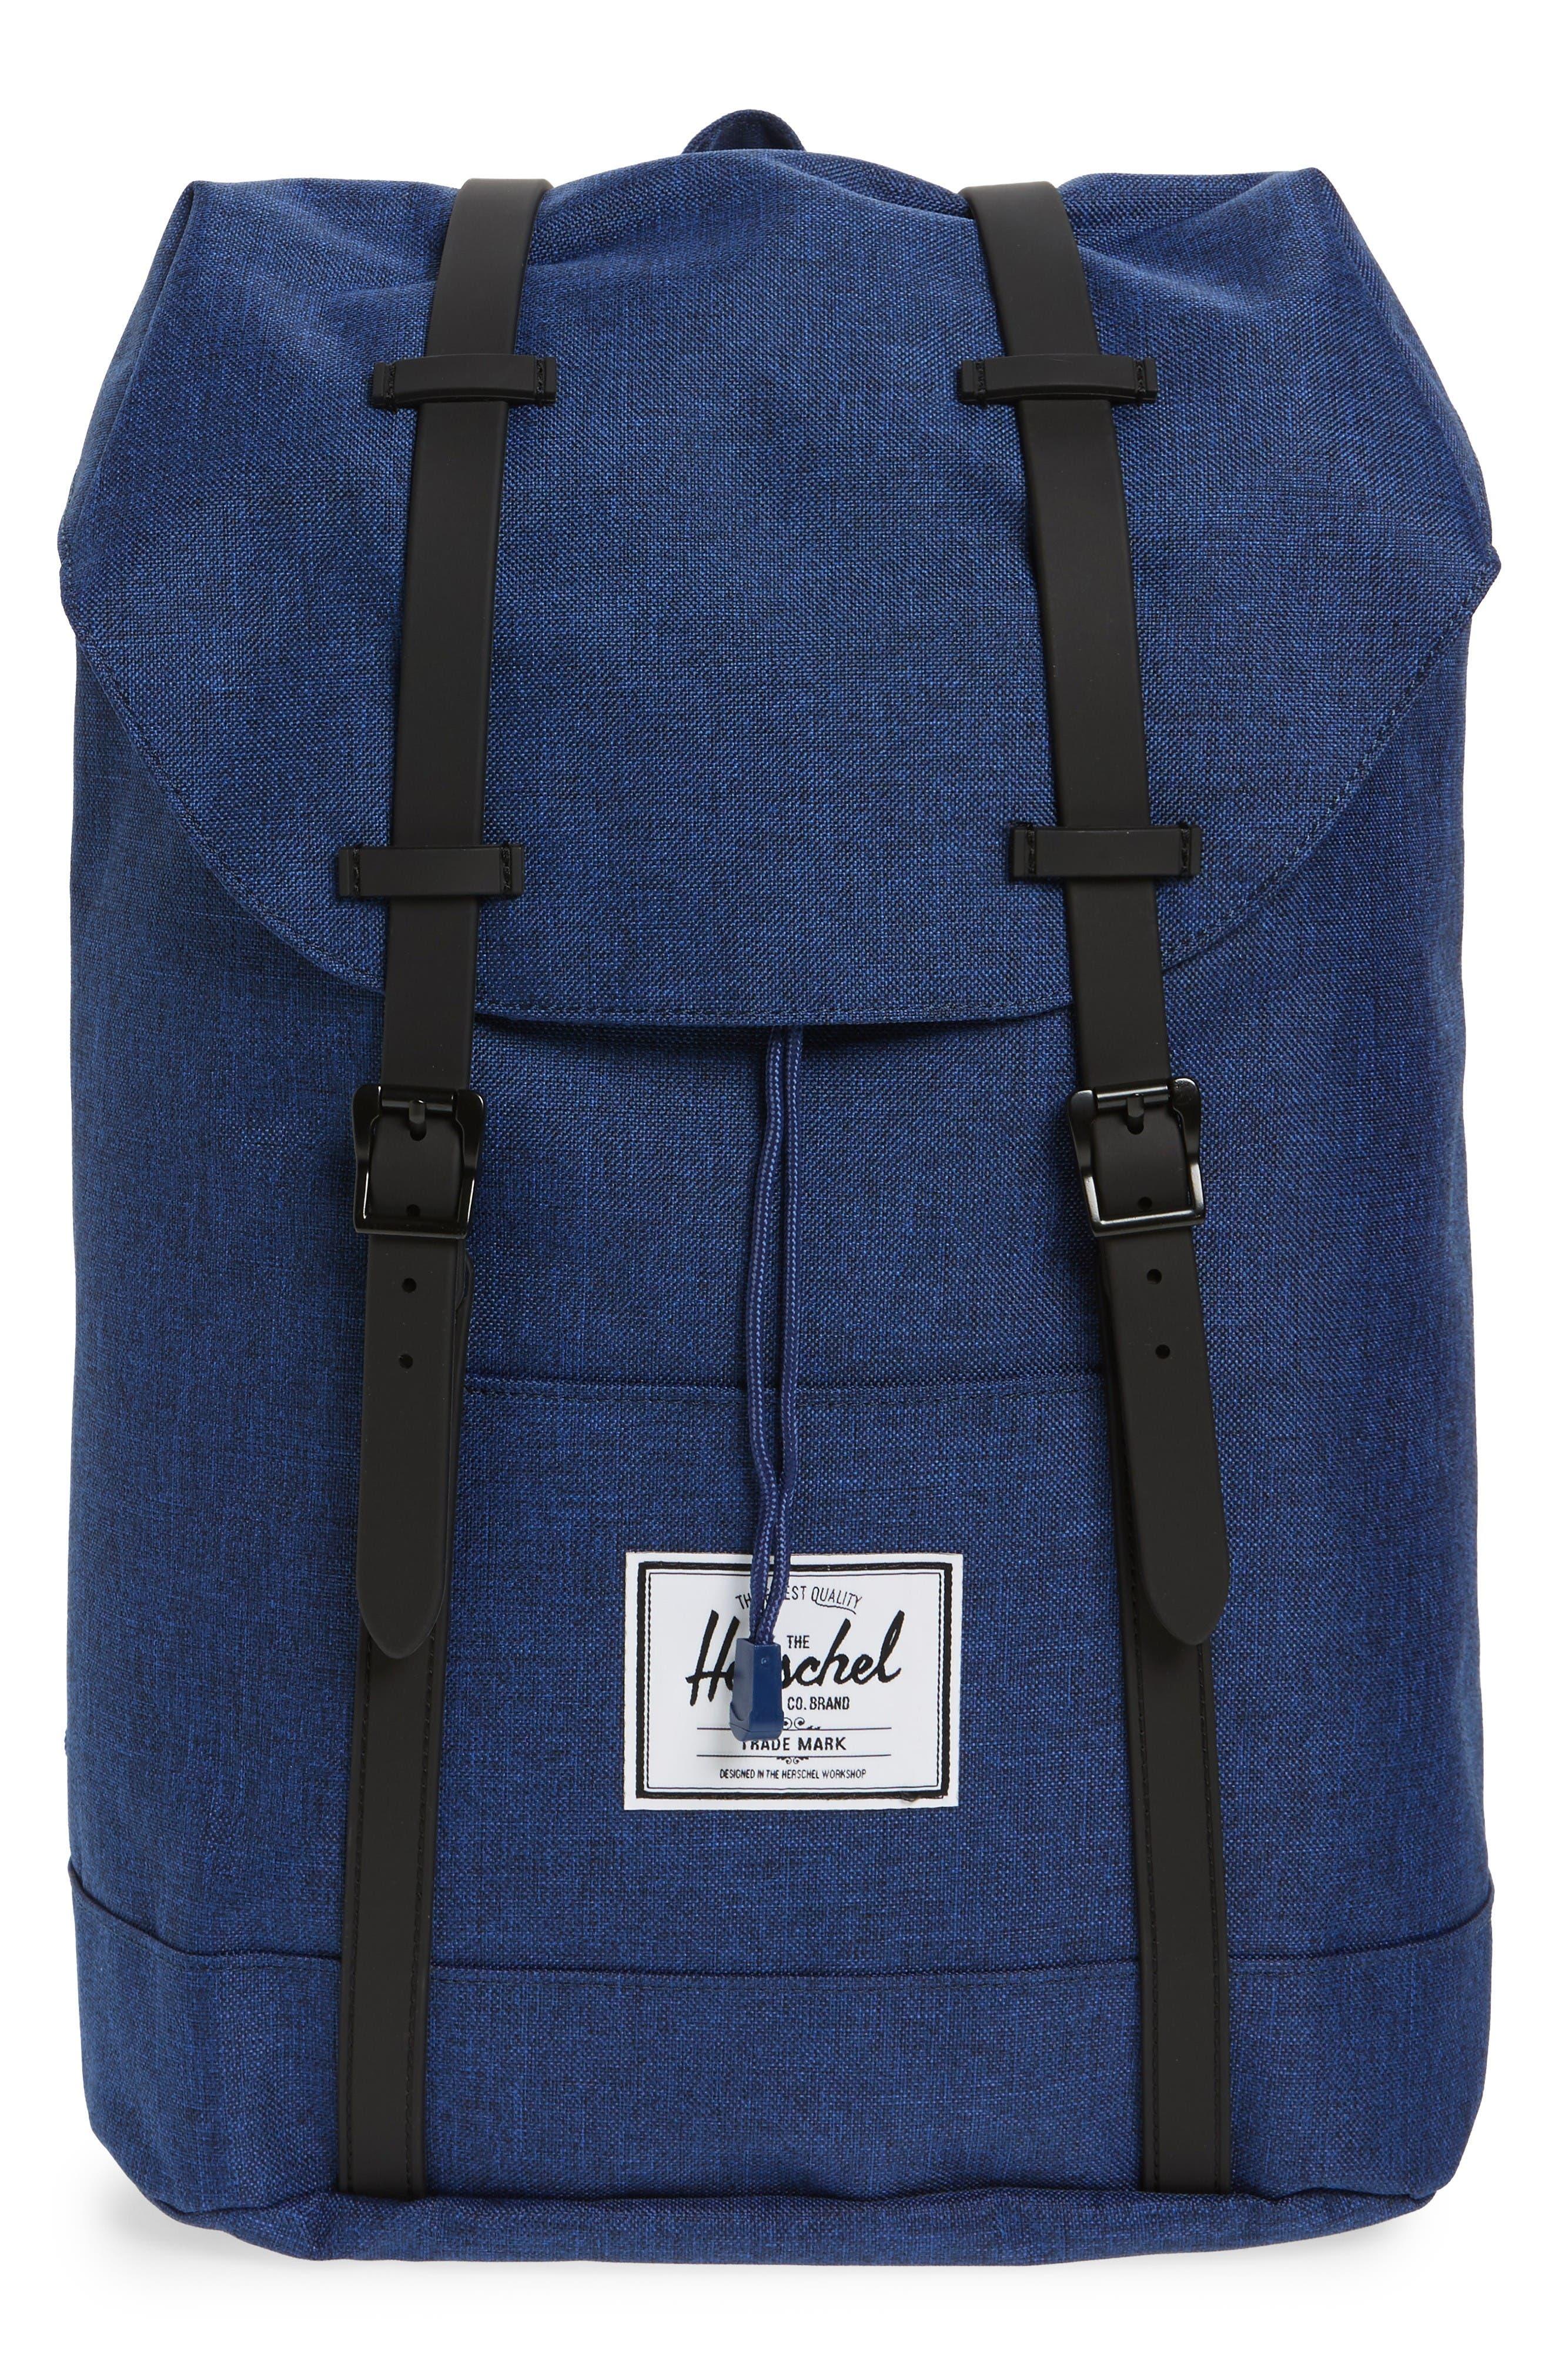 Main Image - Herschel Supply Co. Retreat Backpack